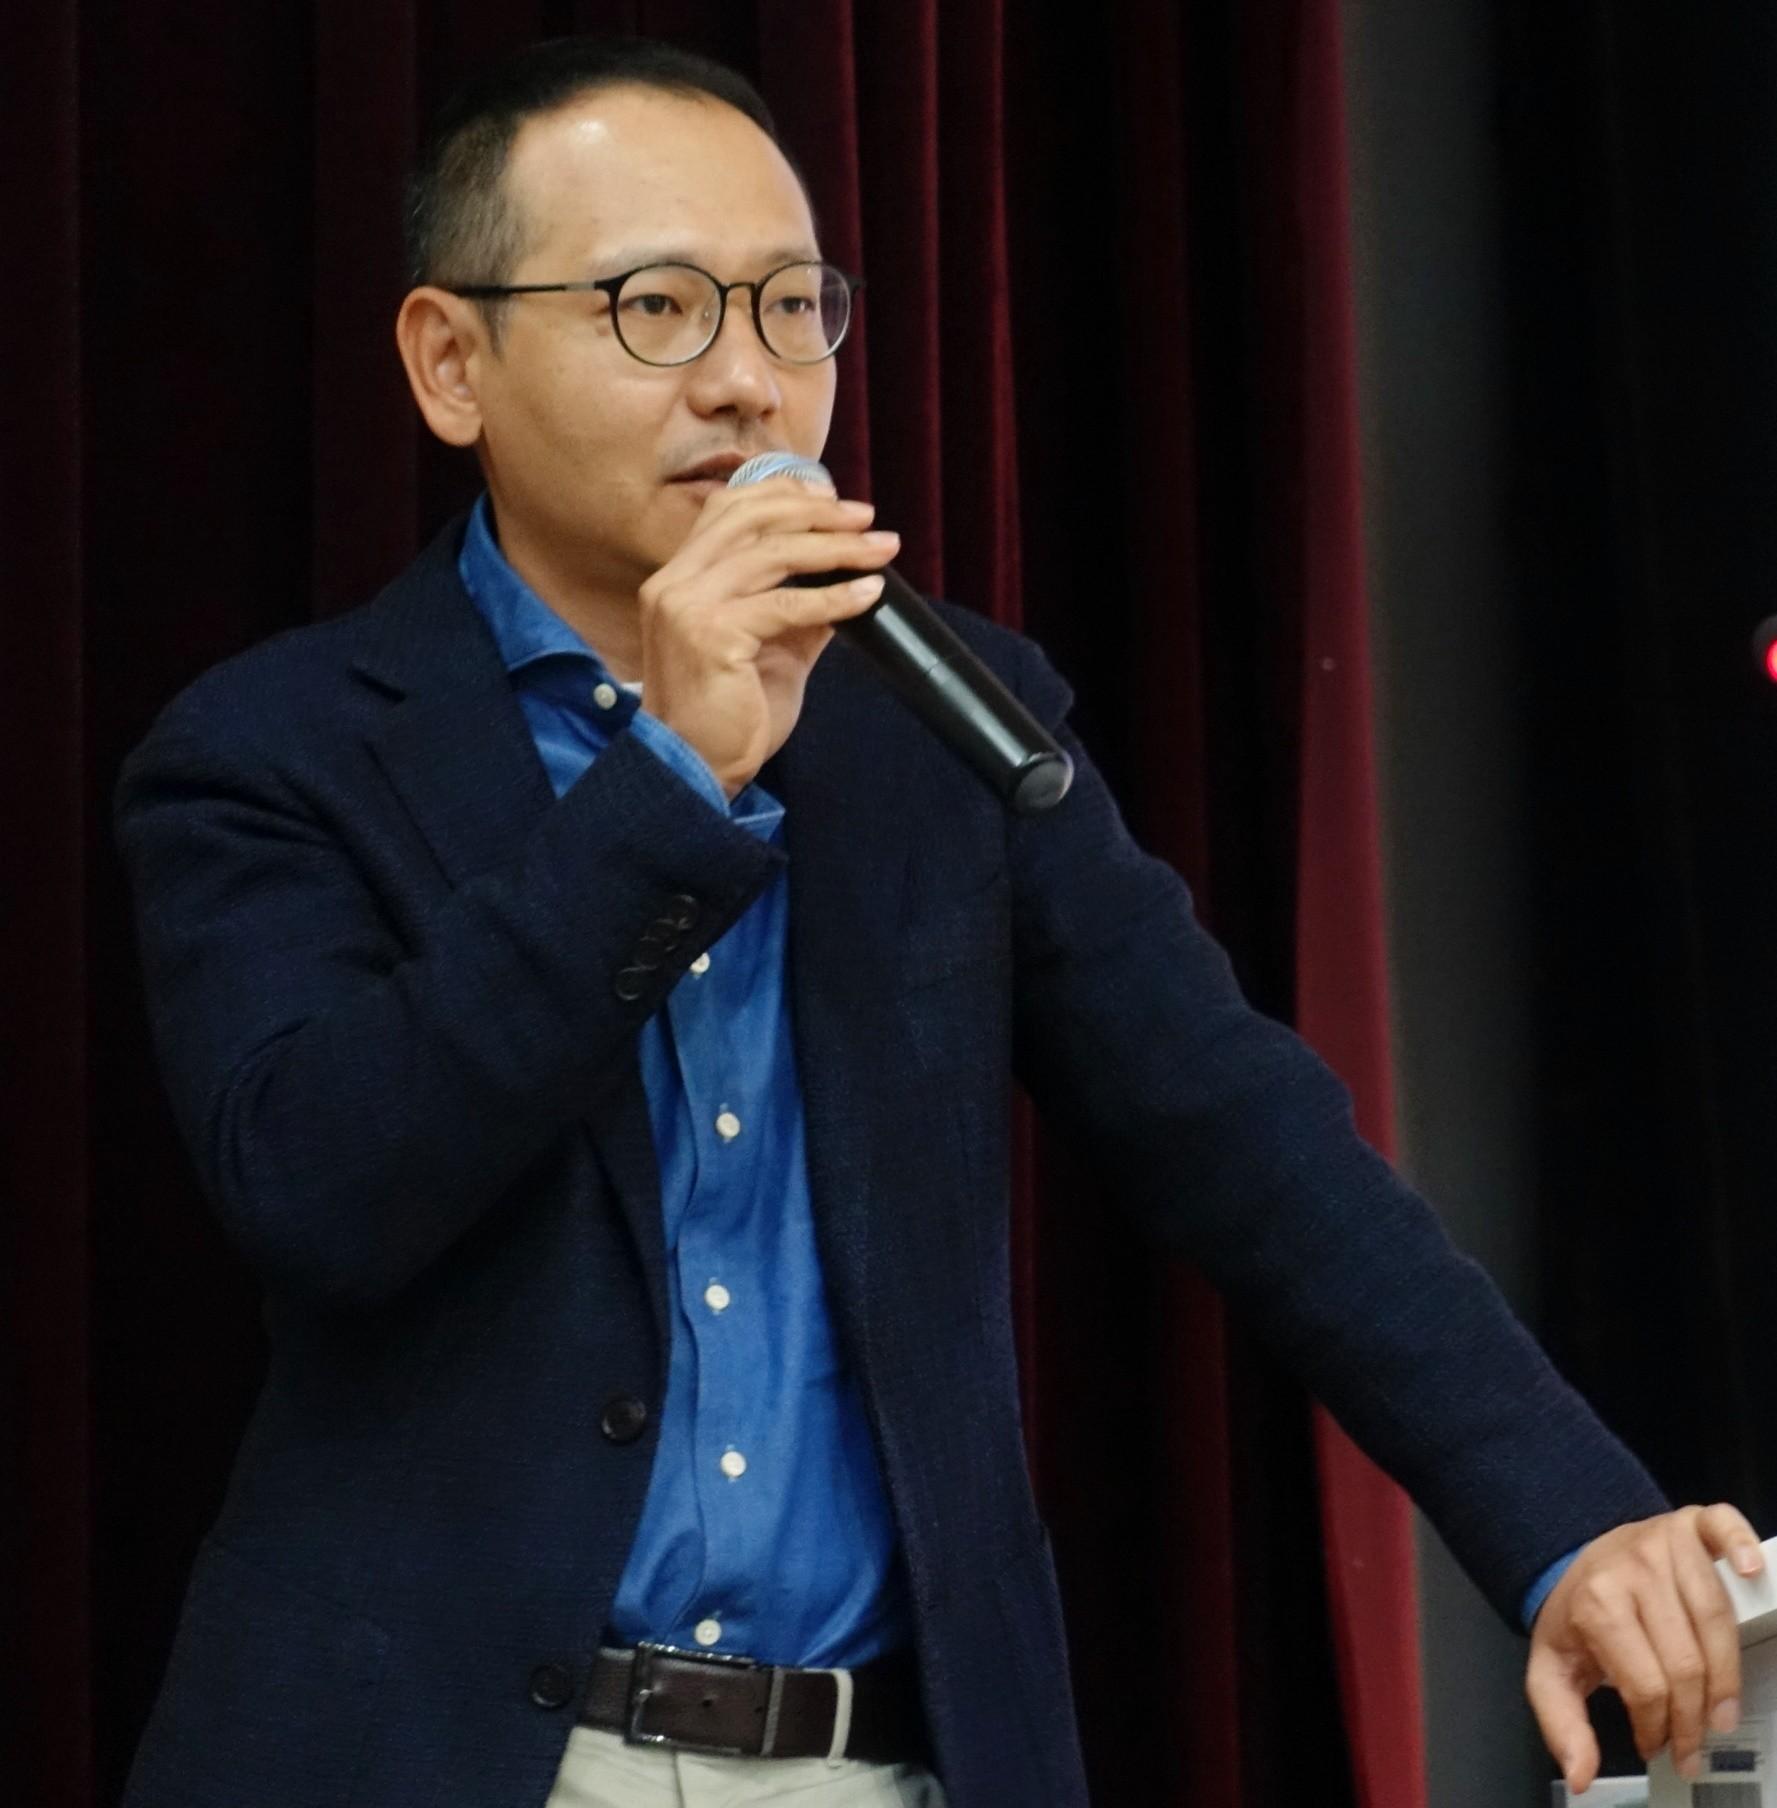 박종덕 코오롱제약 개발본부장